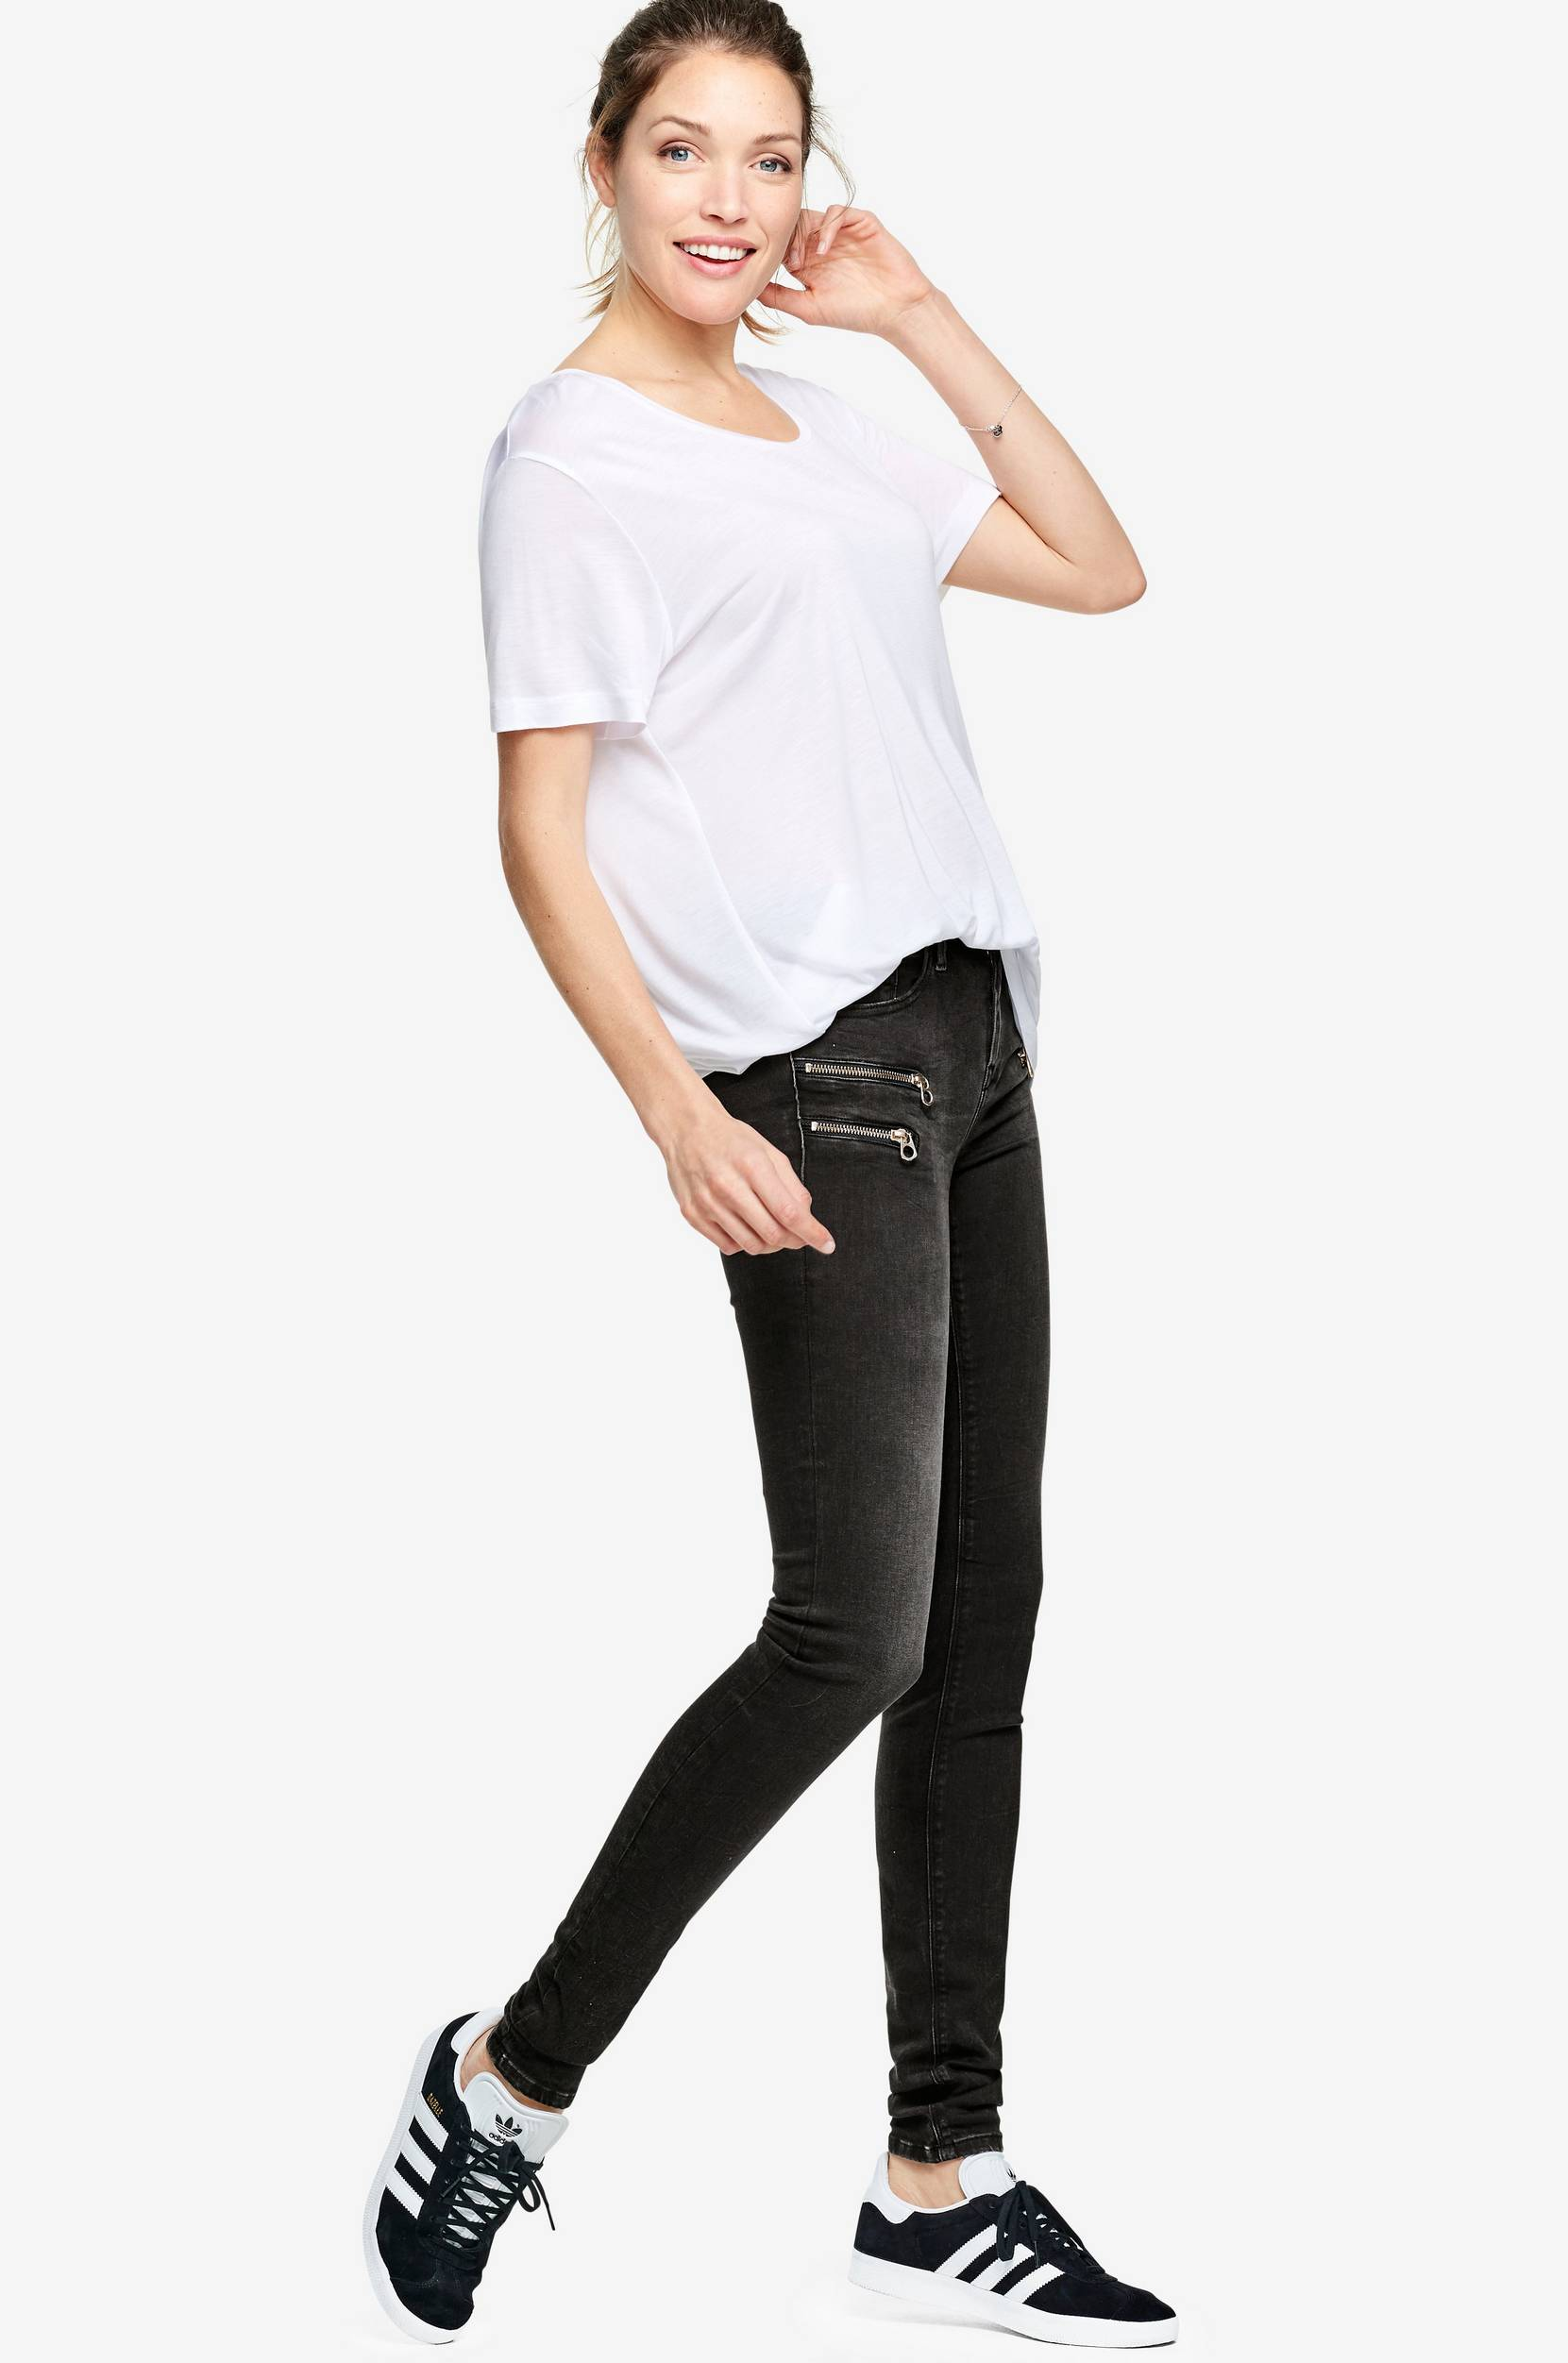 Jeans Joi Highwaist, slim fit Replay Jeans til Kvinder i Sort